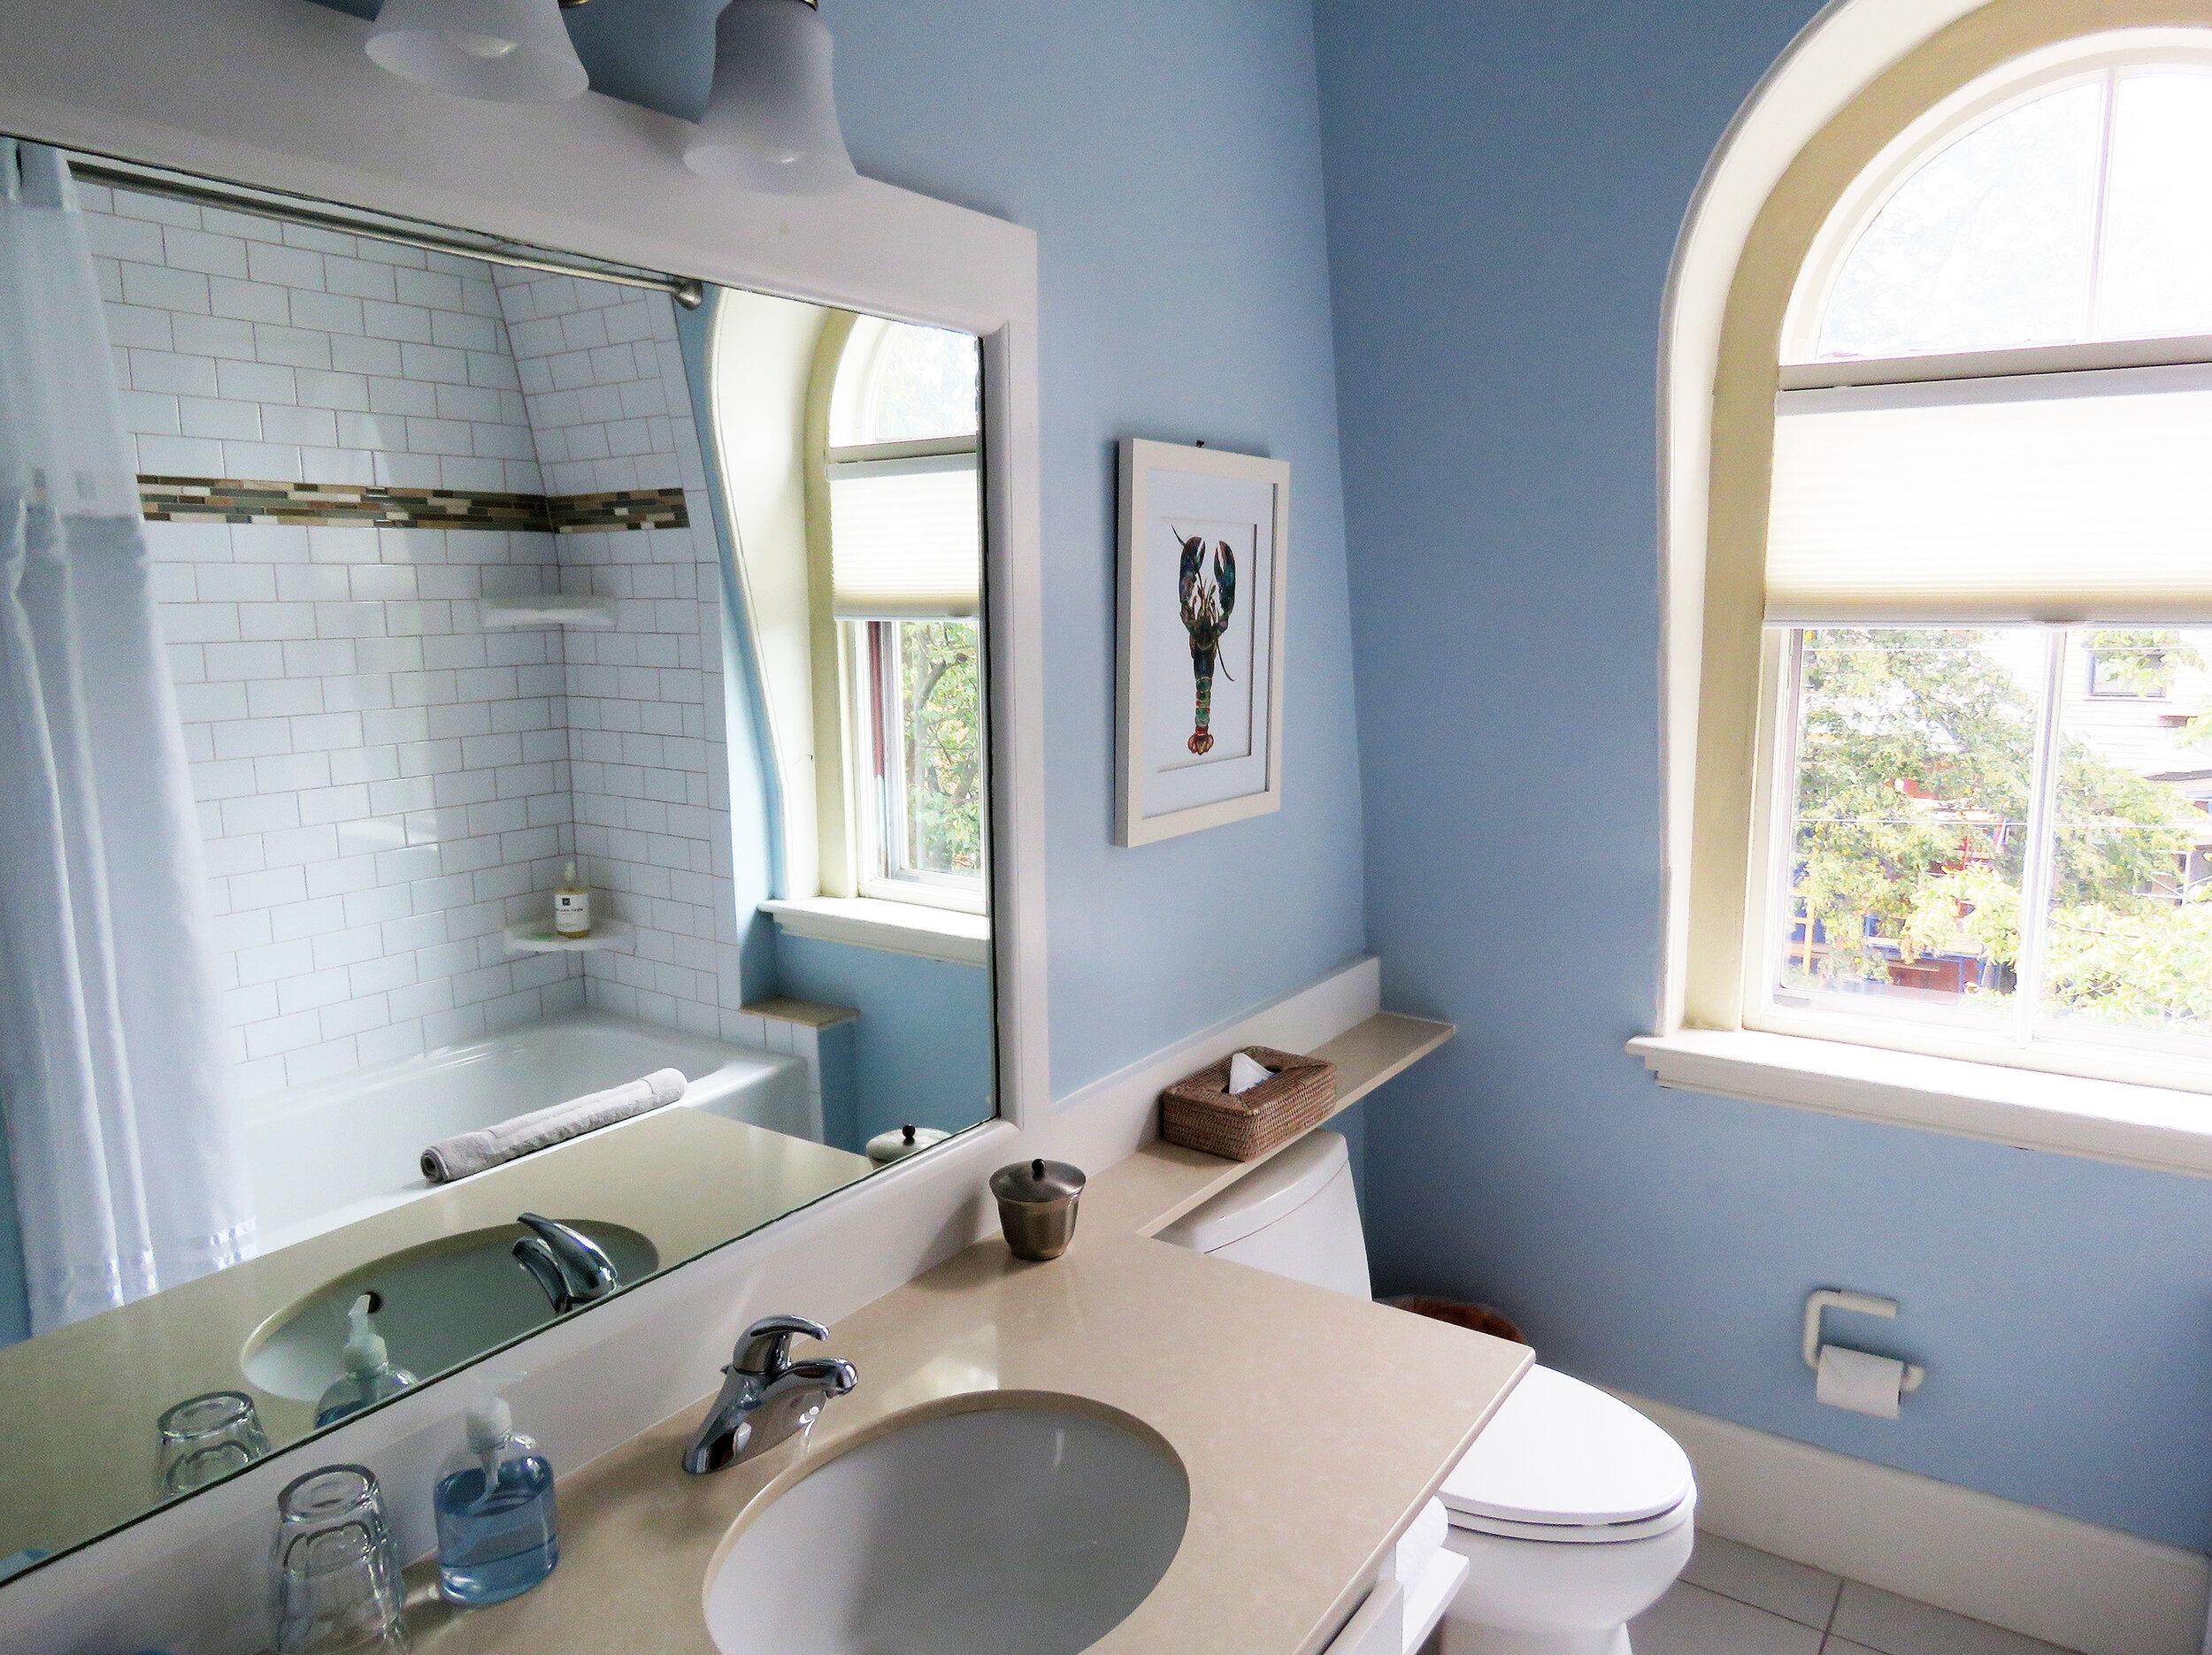 bluebathroom2.jpg